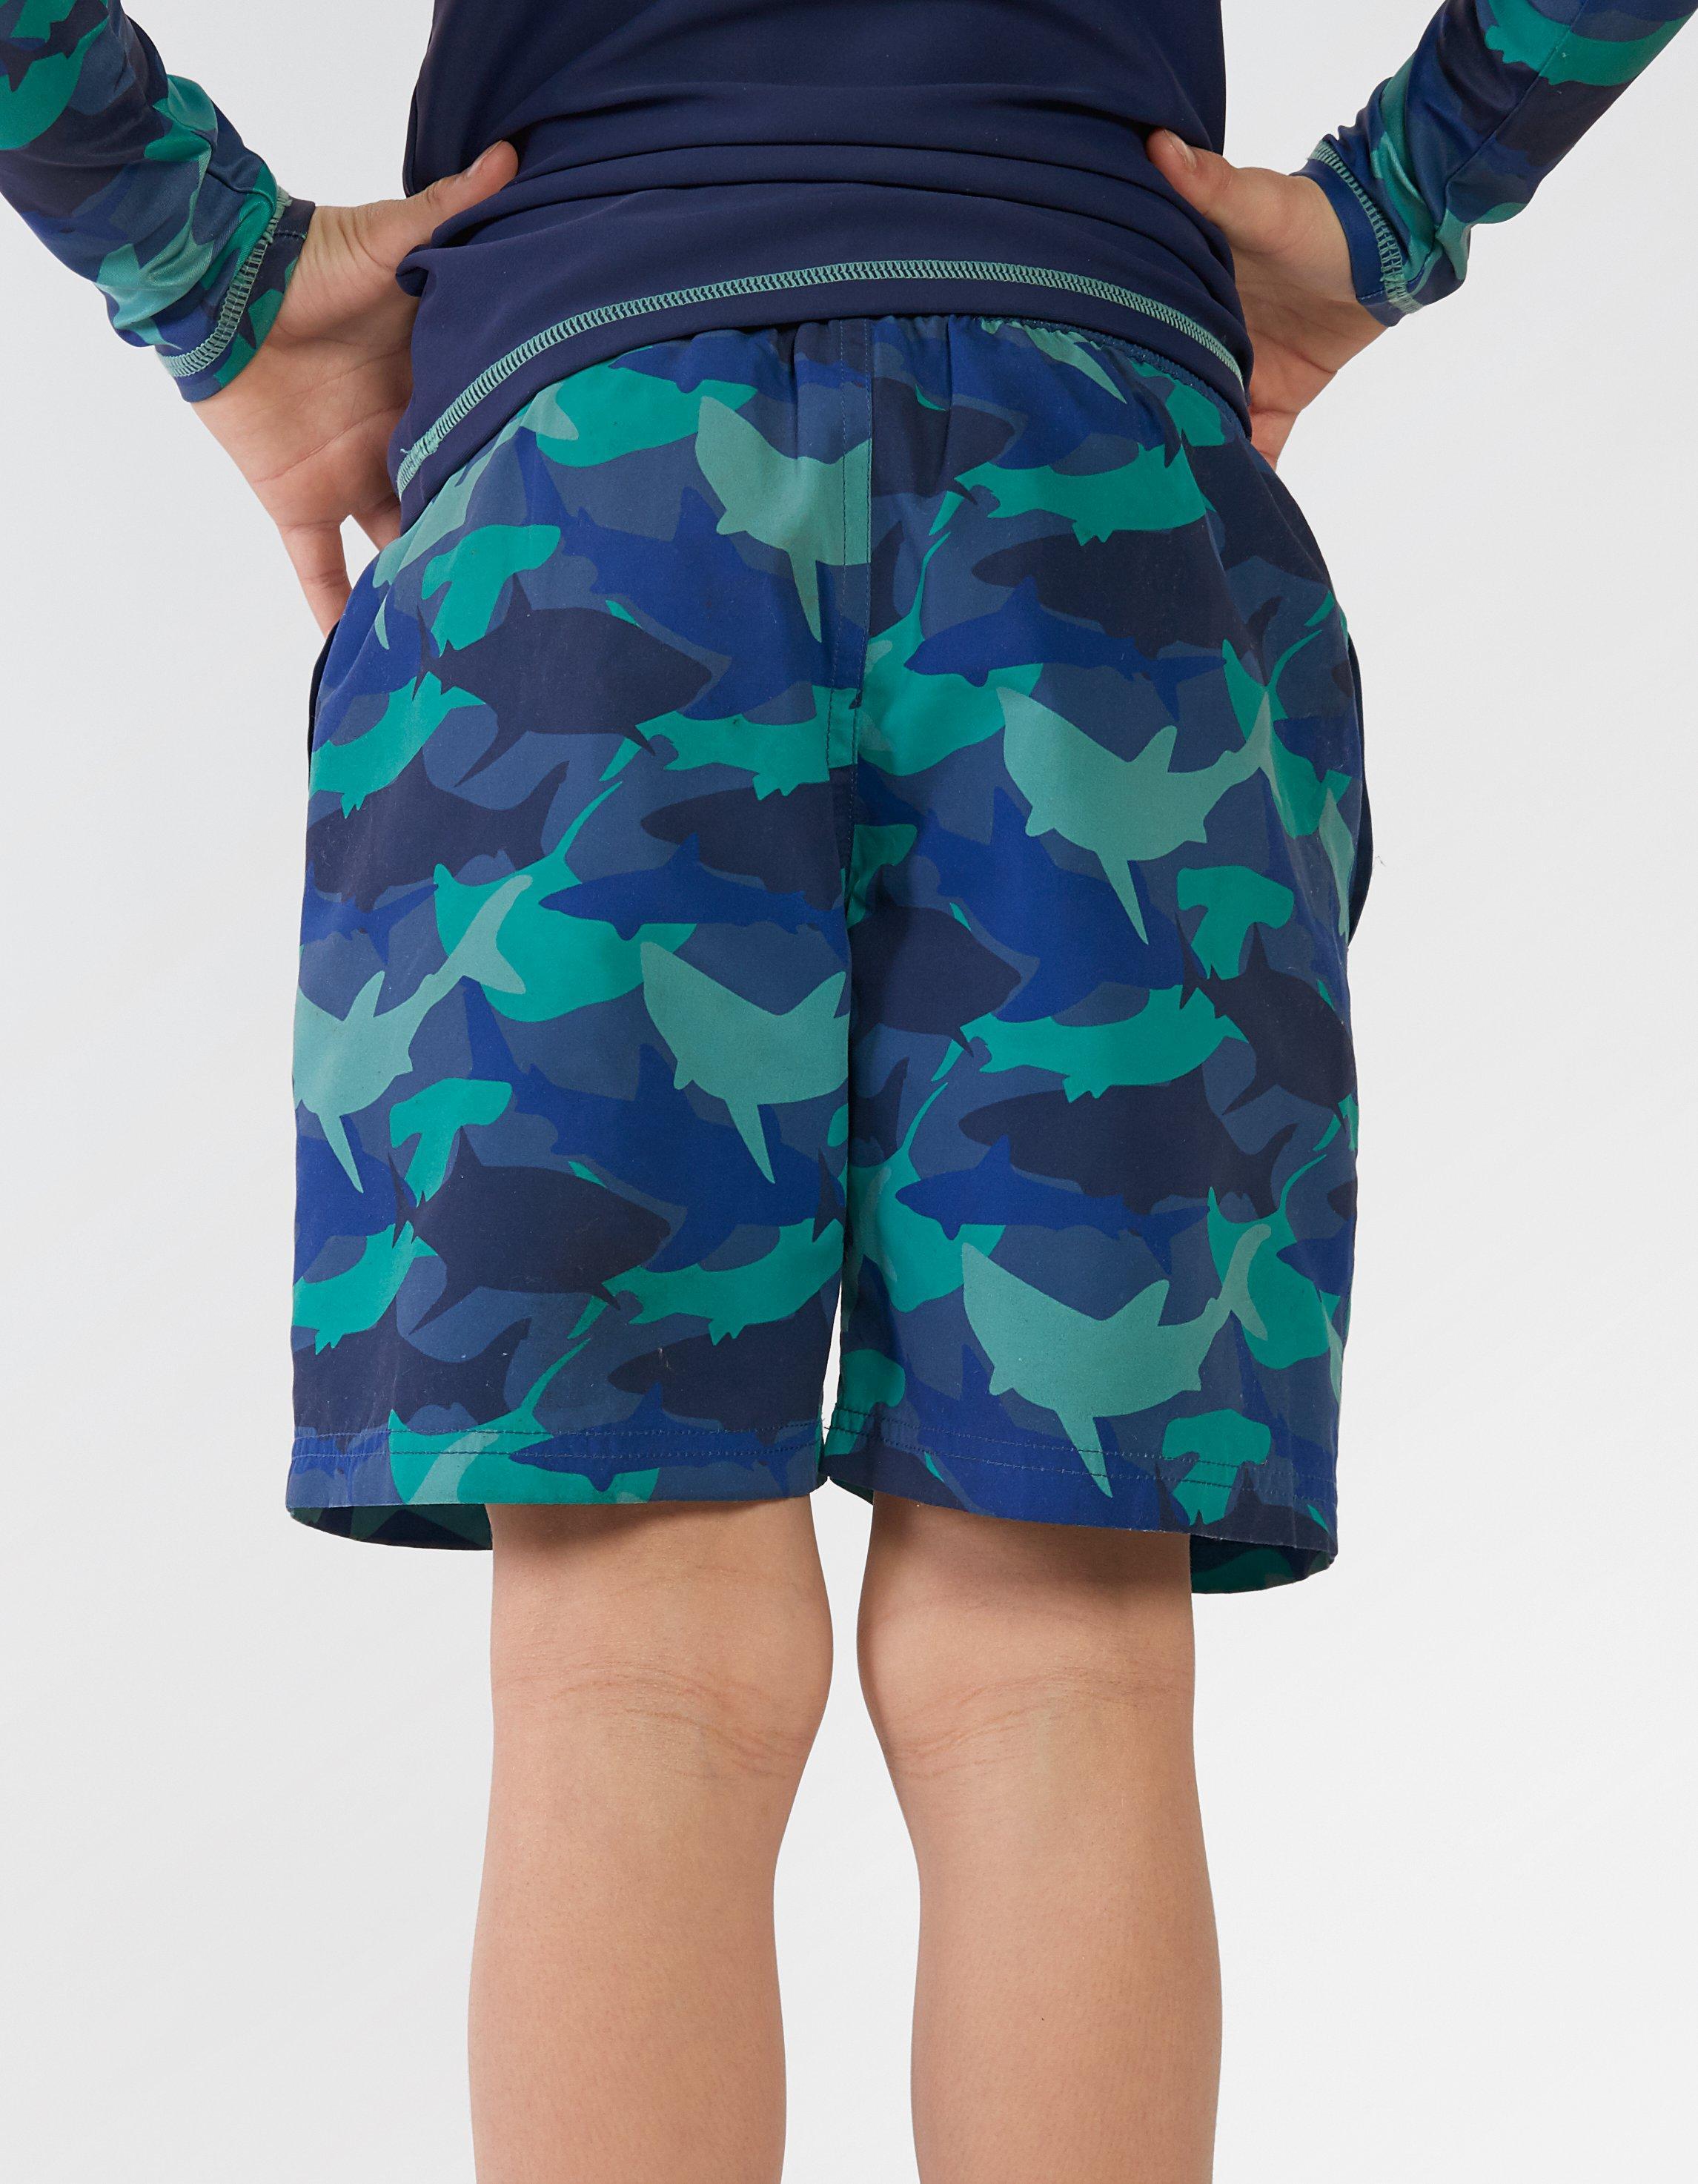 Shark Camouflage Board Shorts